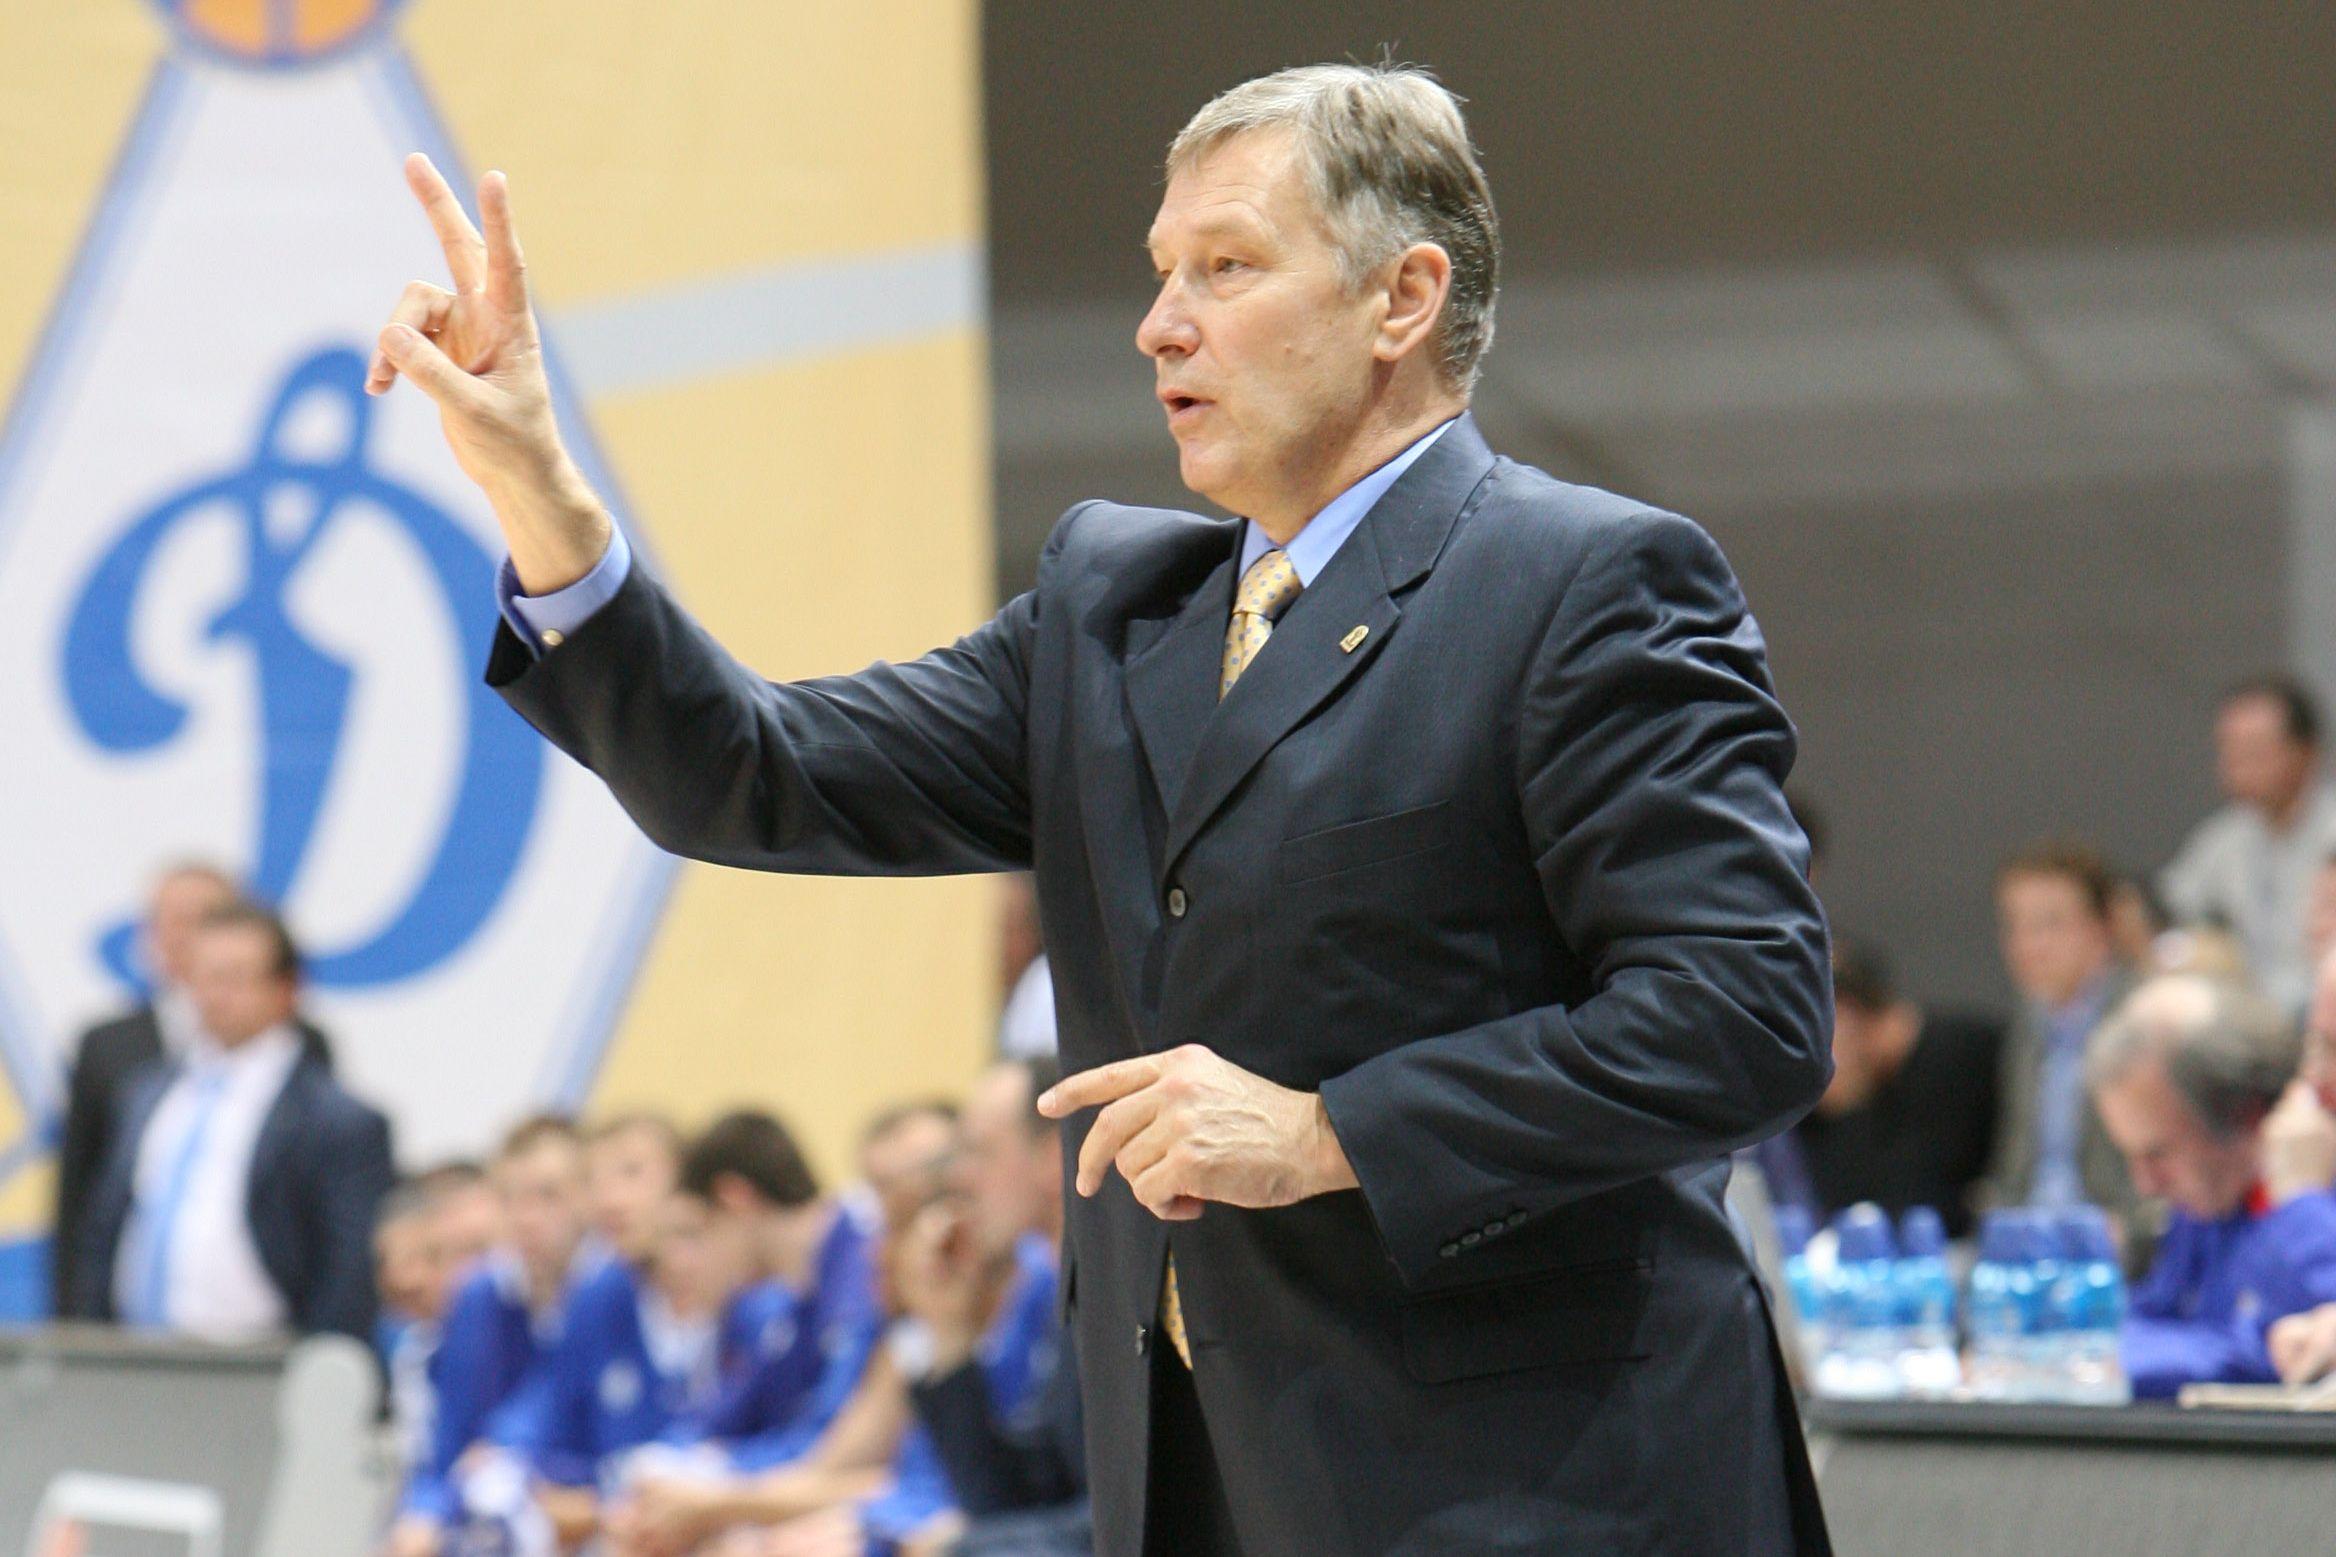 Бывший тренер сборной России оценил шансы 'Зенита' в противостоянии с 'Барселоной' в Евролиге